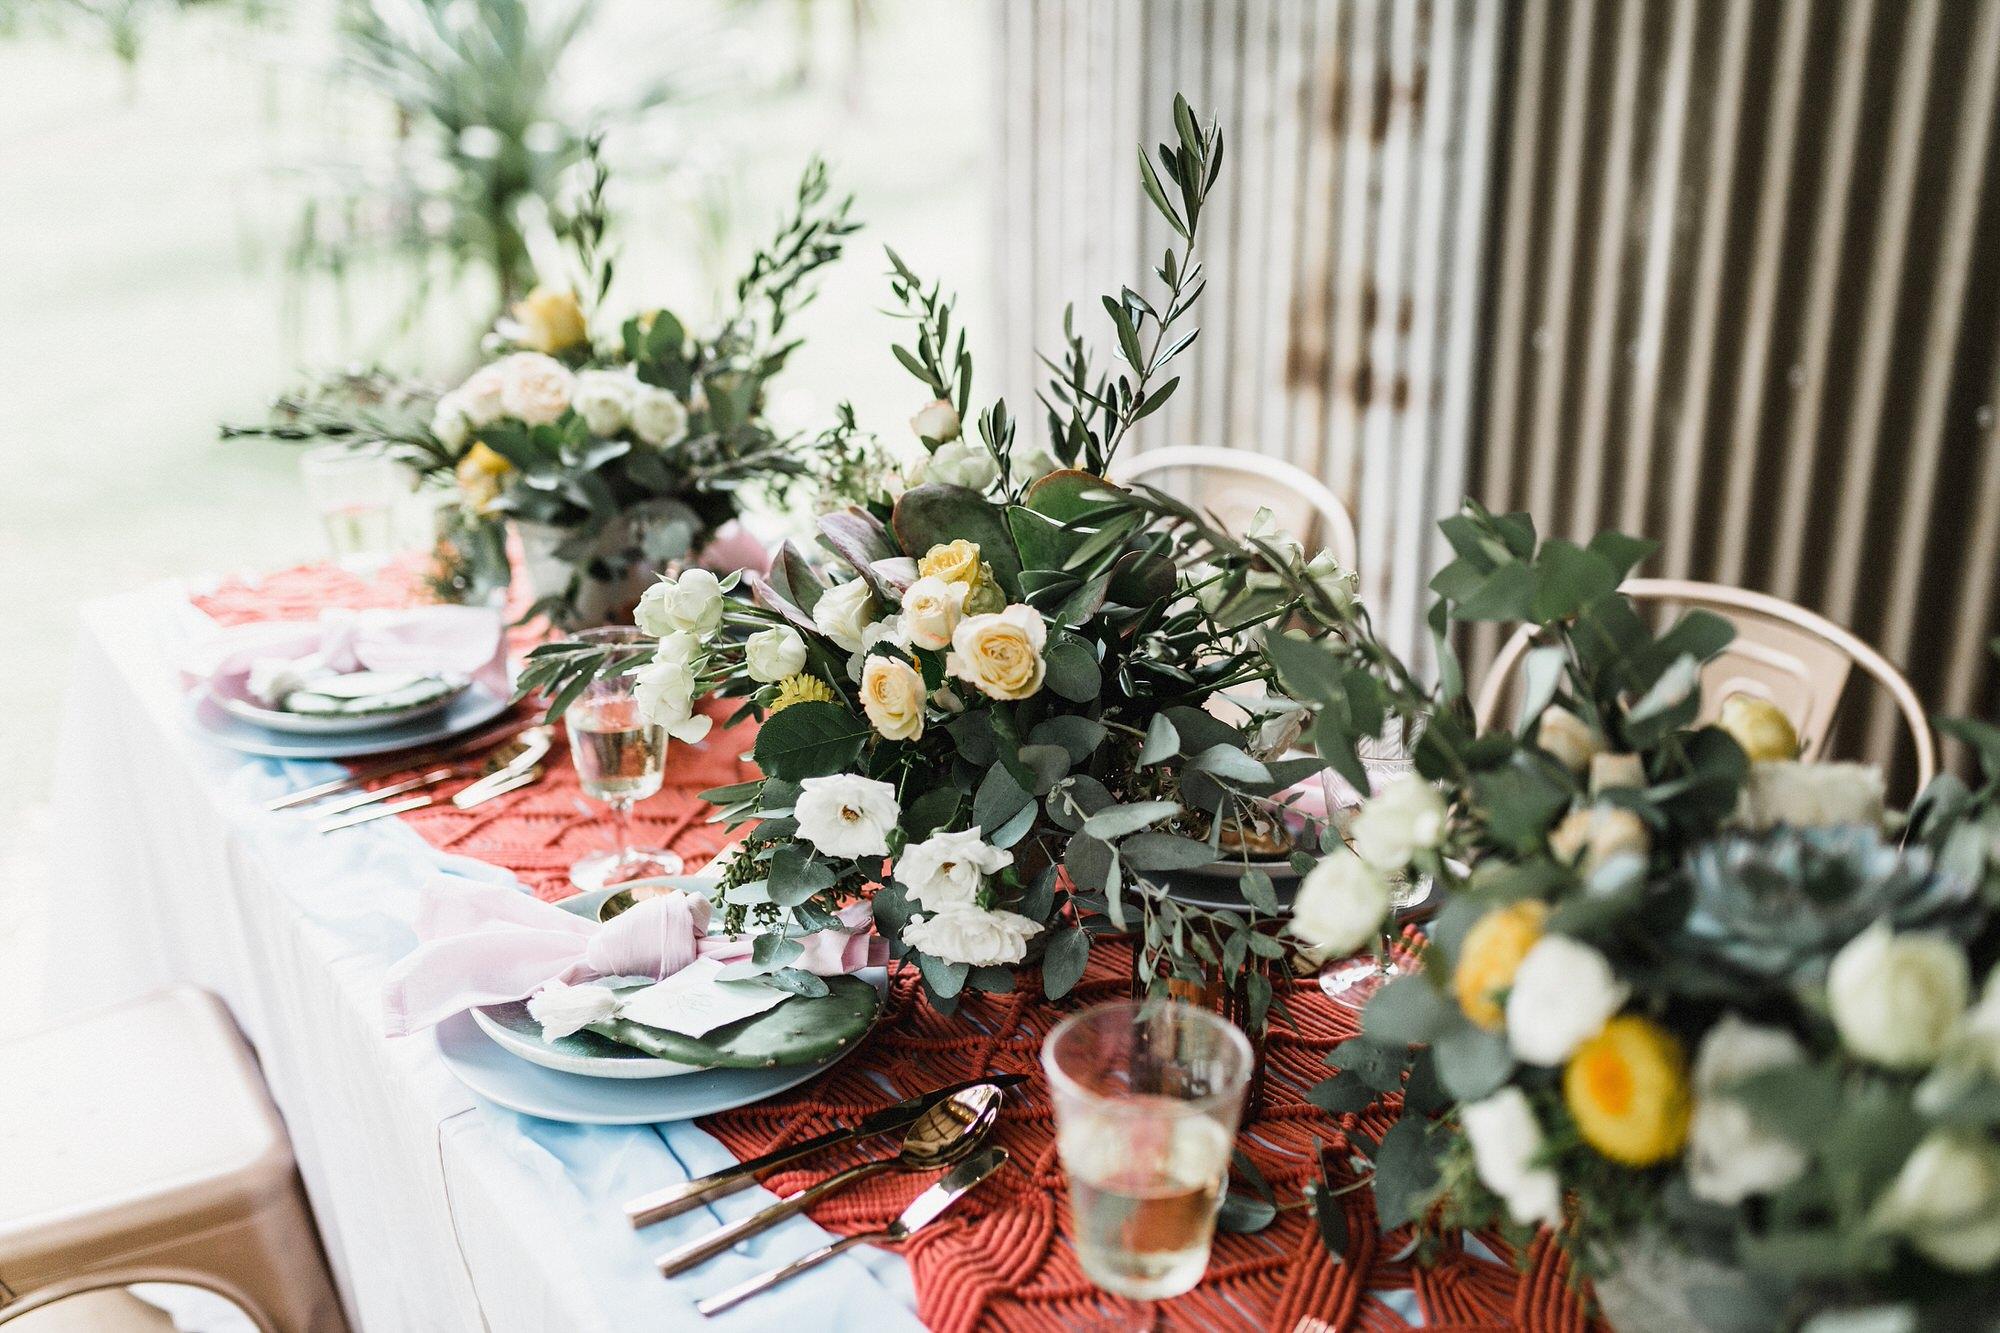 cacti wedding, indie wedding, boho wedding, Logwoods, Sunshine Coast Wedding Photographer, Canberra Wedding Photographer, Bowral Wedding photographer, Grace Loves Lace, Made to Match Events, Woods & Bloom, Cacti bouquet, rustic wedding